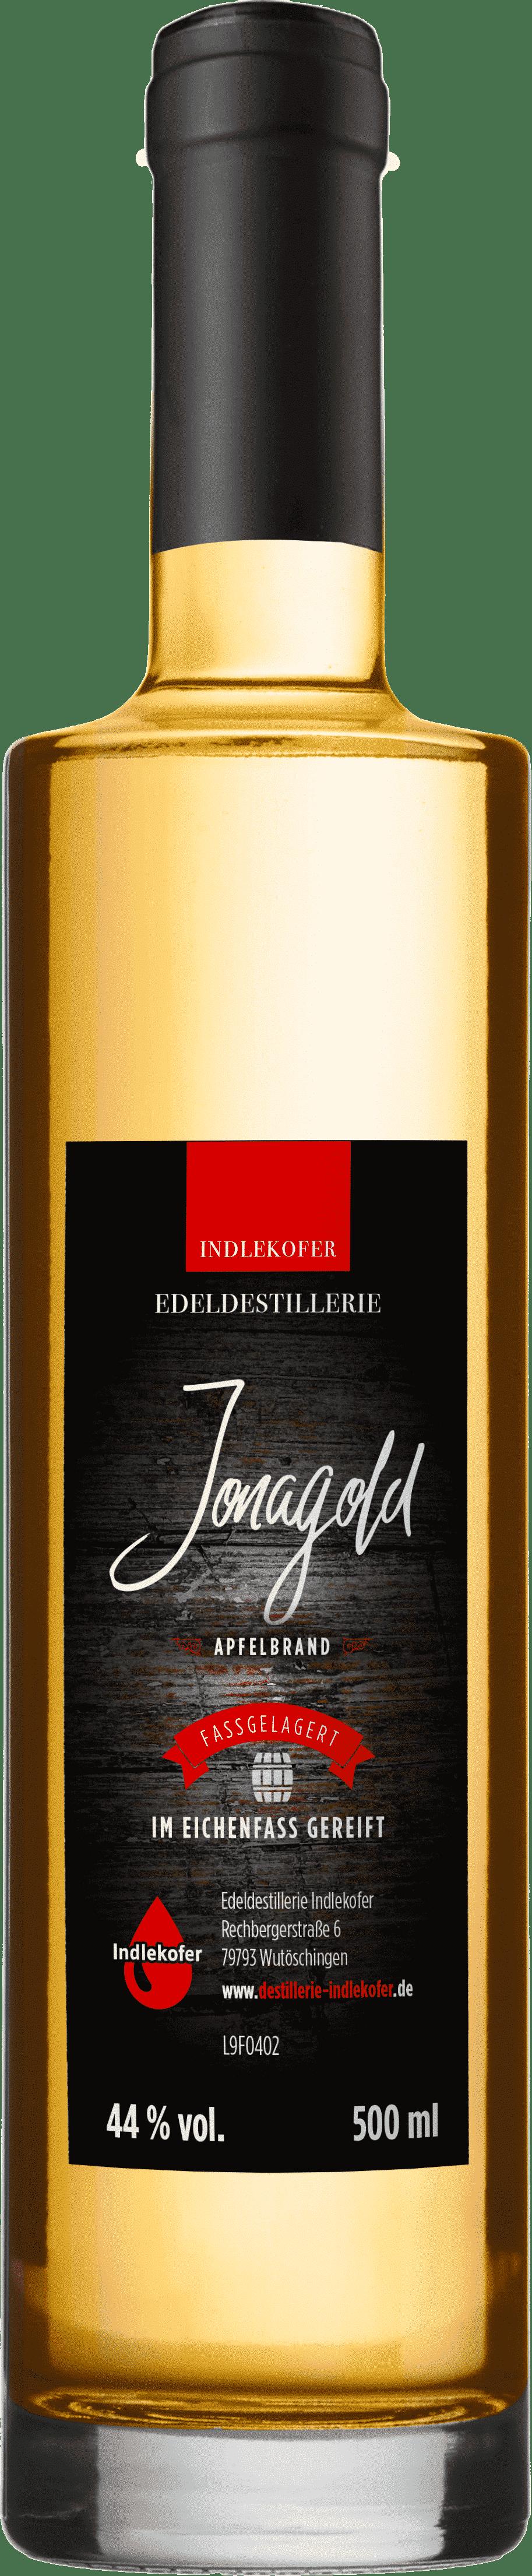 Jonagold Apfelbrand im Eichenfass gereift von Edeldestillerie Indlekofer